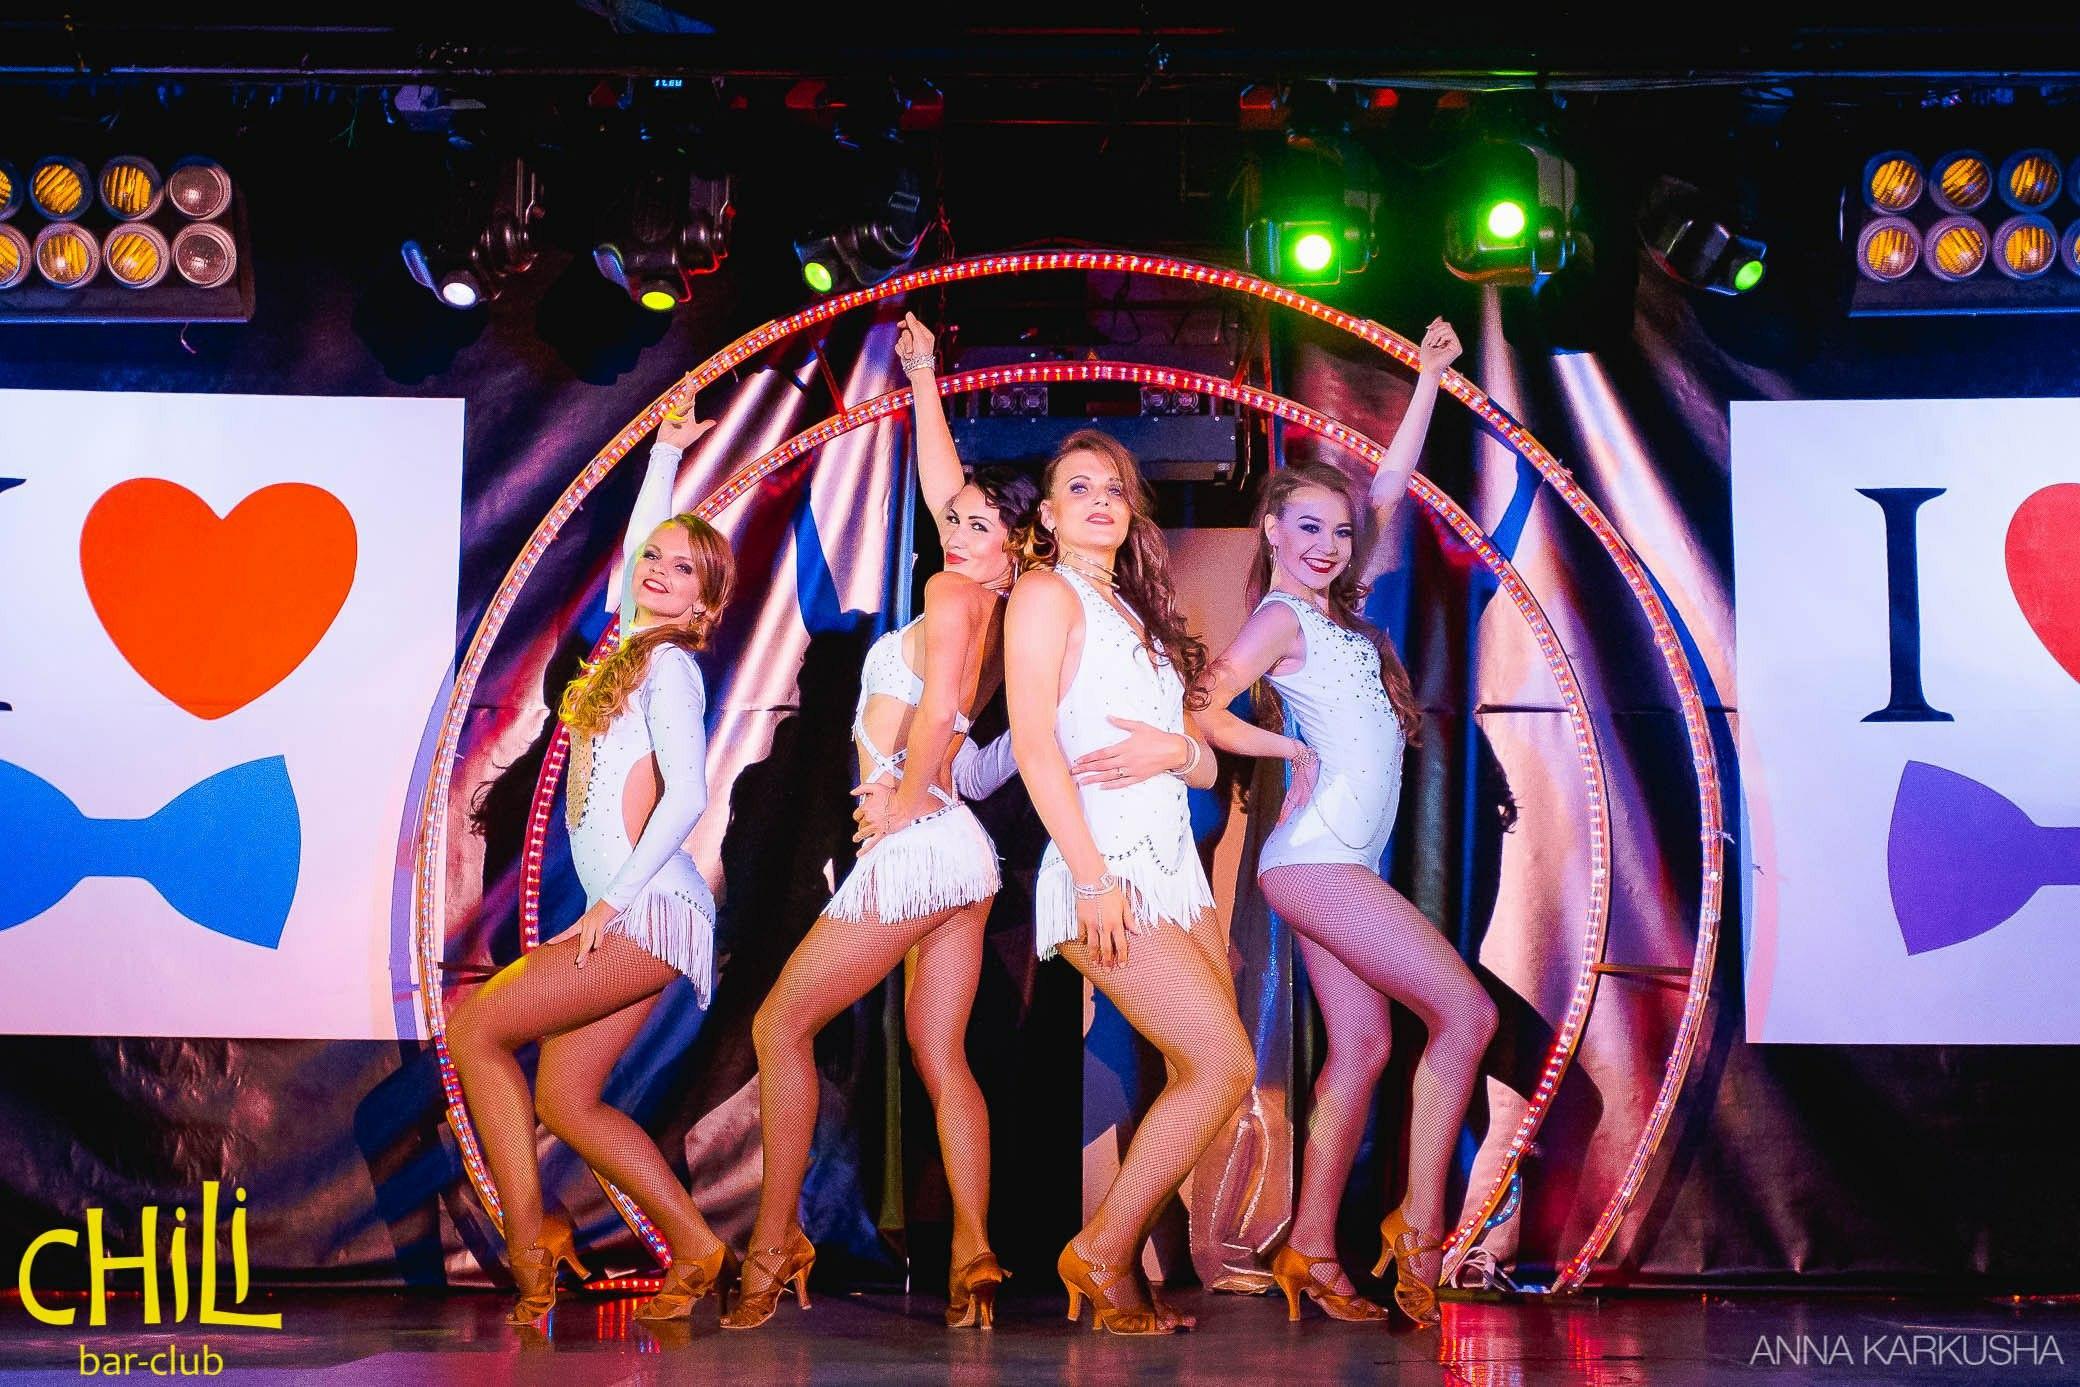 Танцовщицы в ночной клуб екатеринбург рандеву клуб в москве